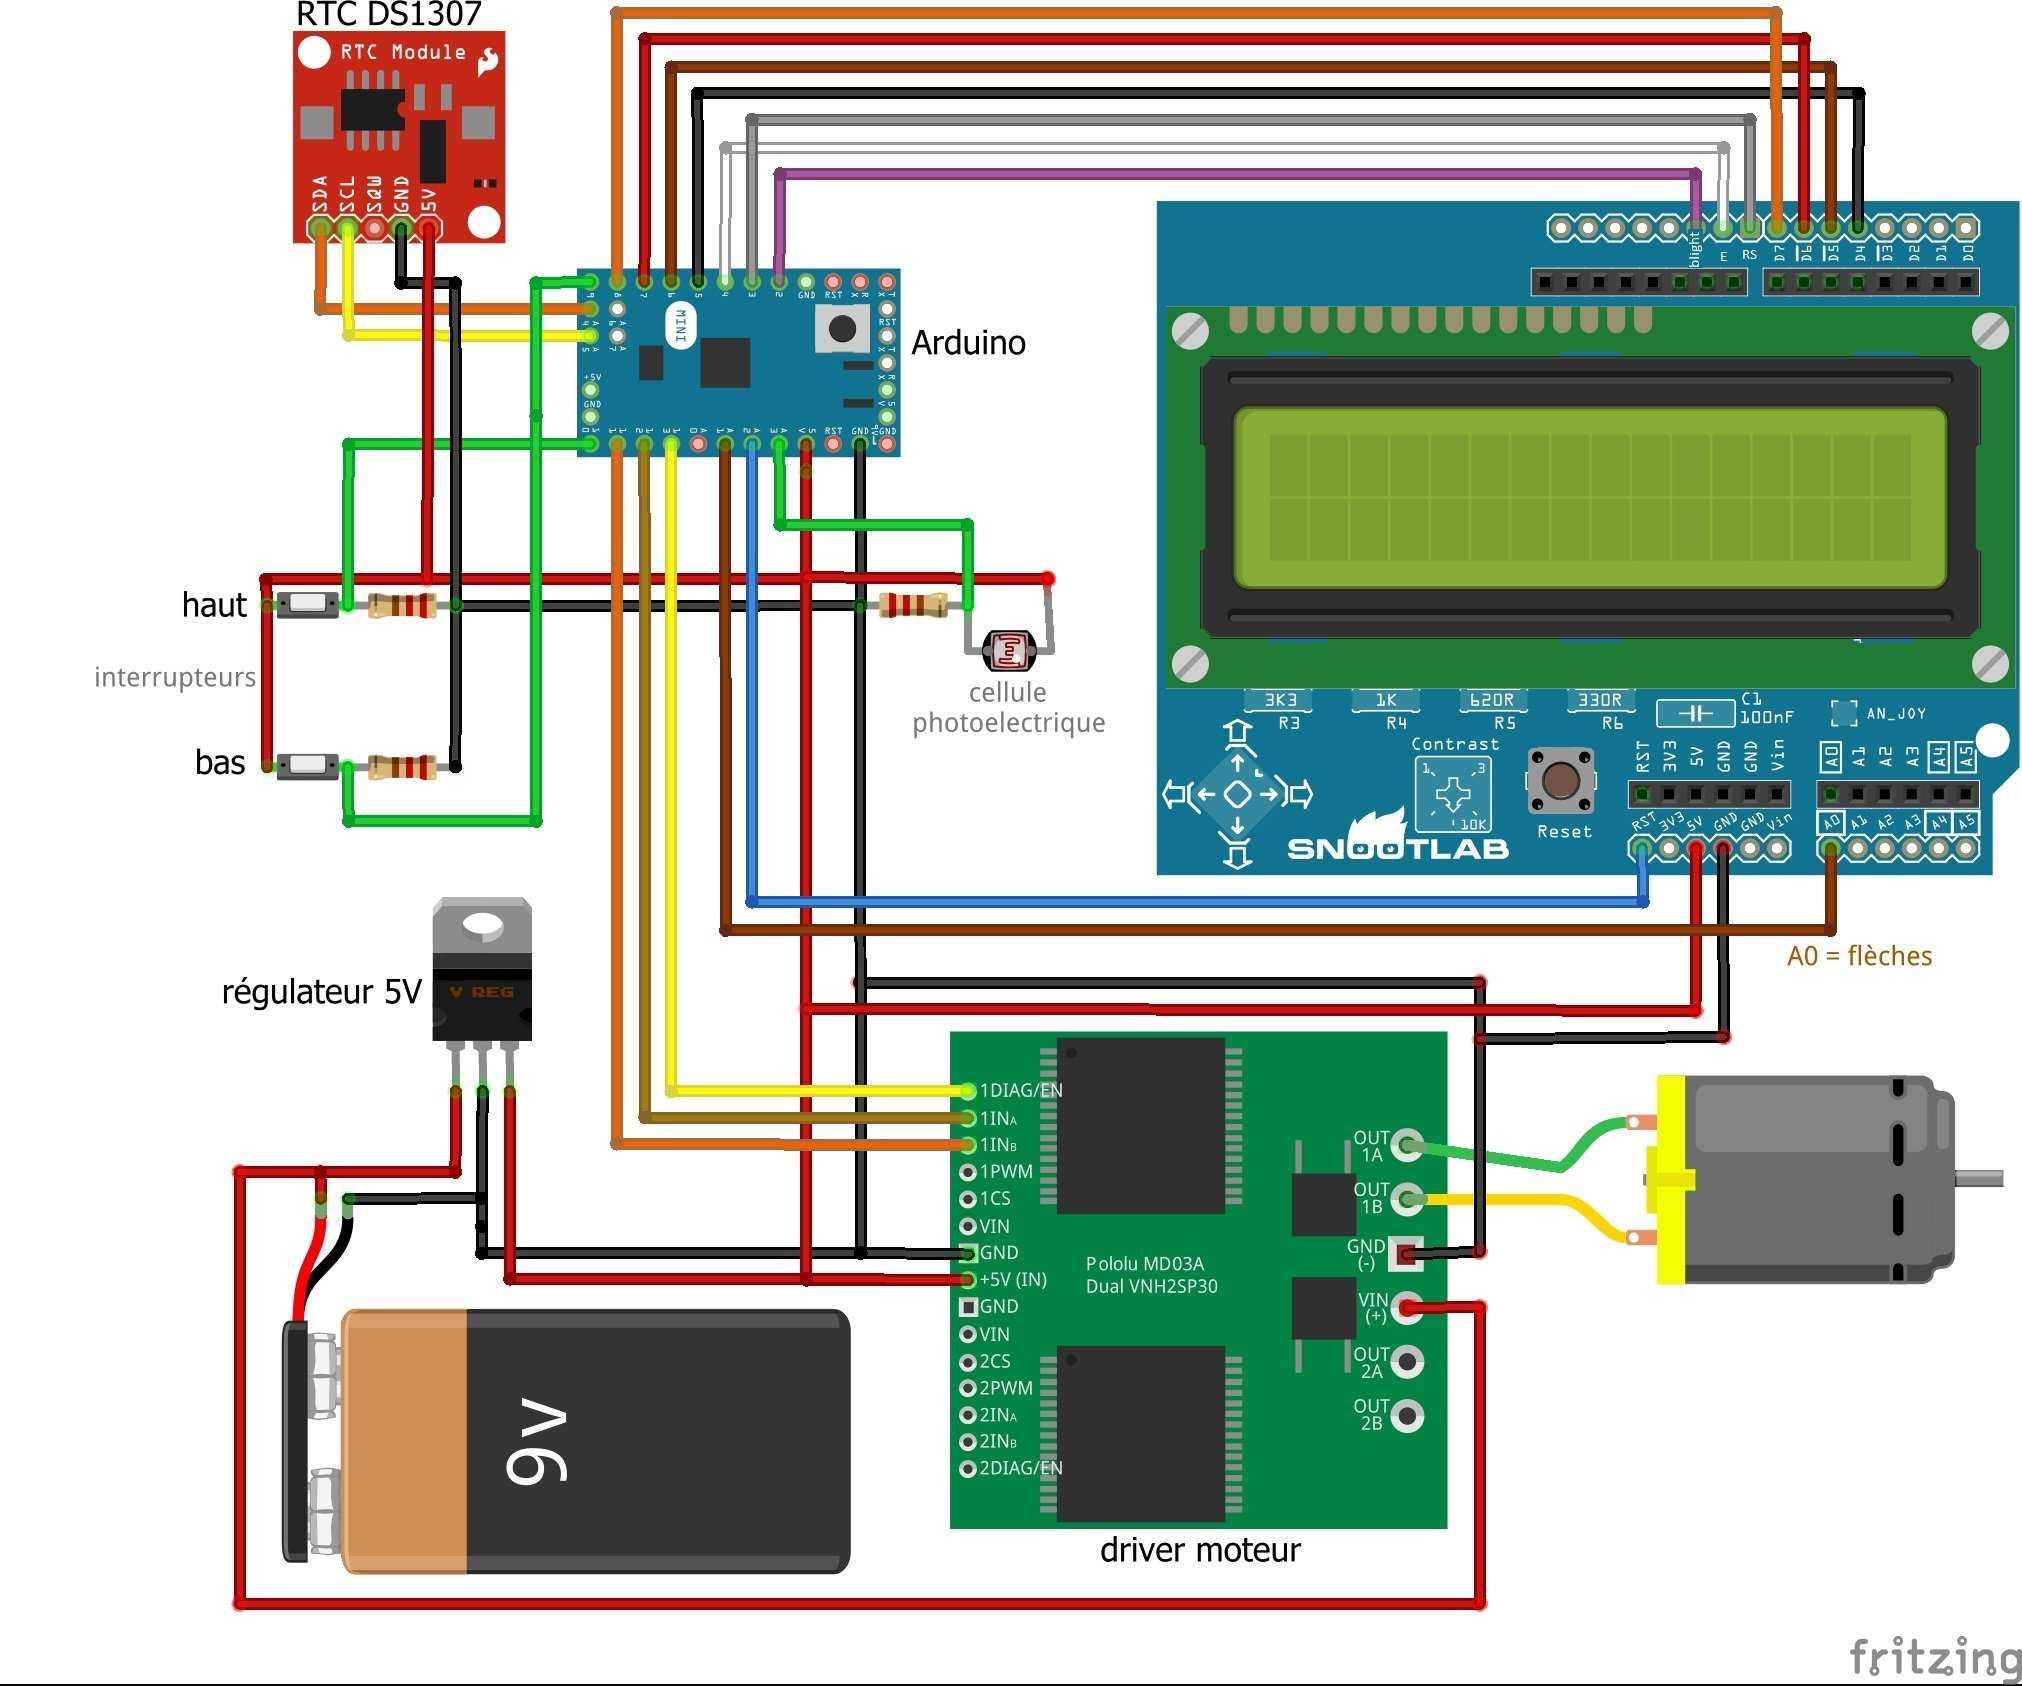 Tutoriel diy poulailler porte automatique - Fermeture automatique porte poulailler ...